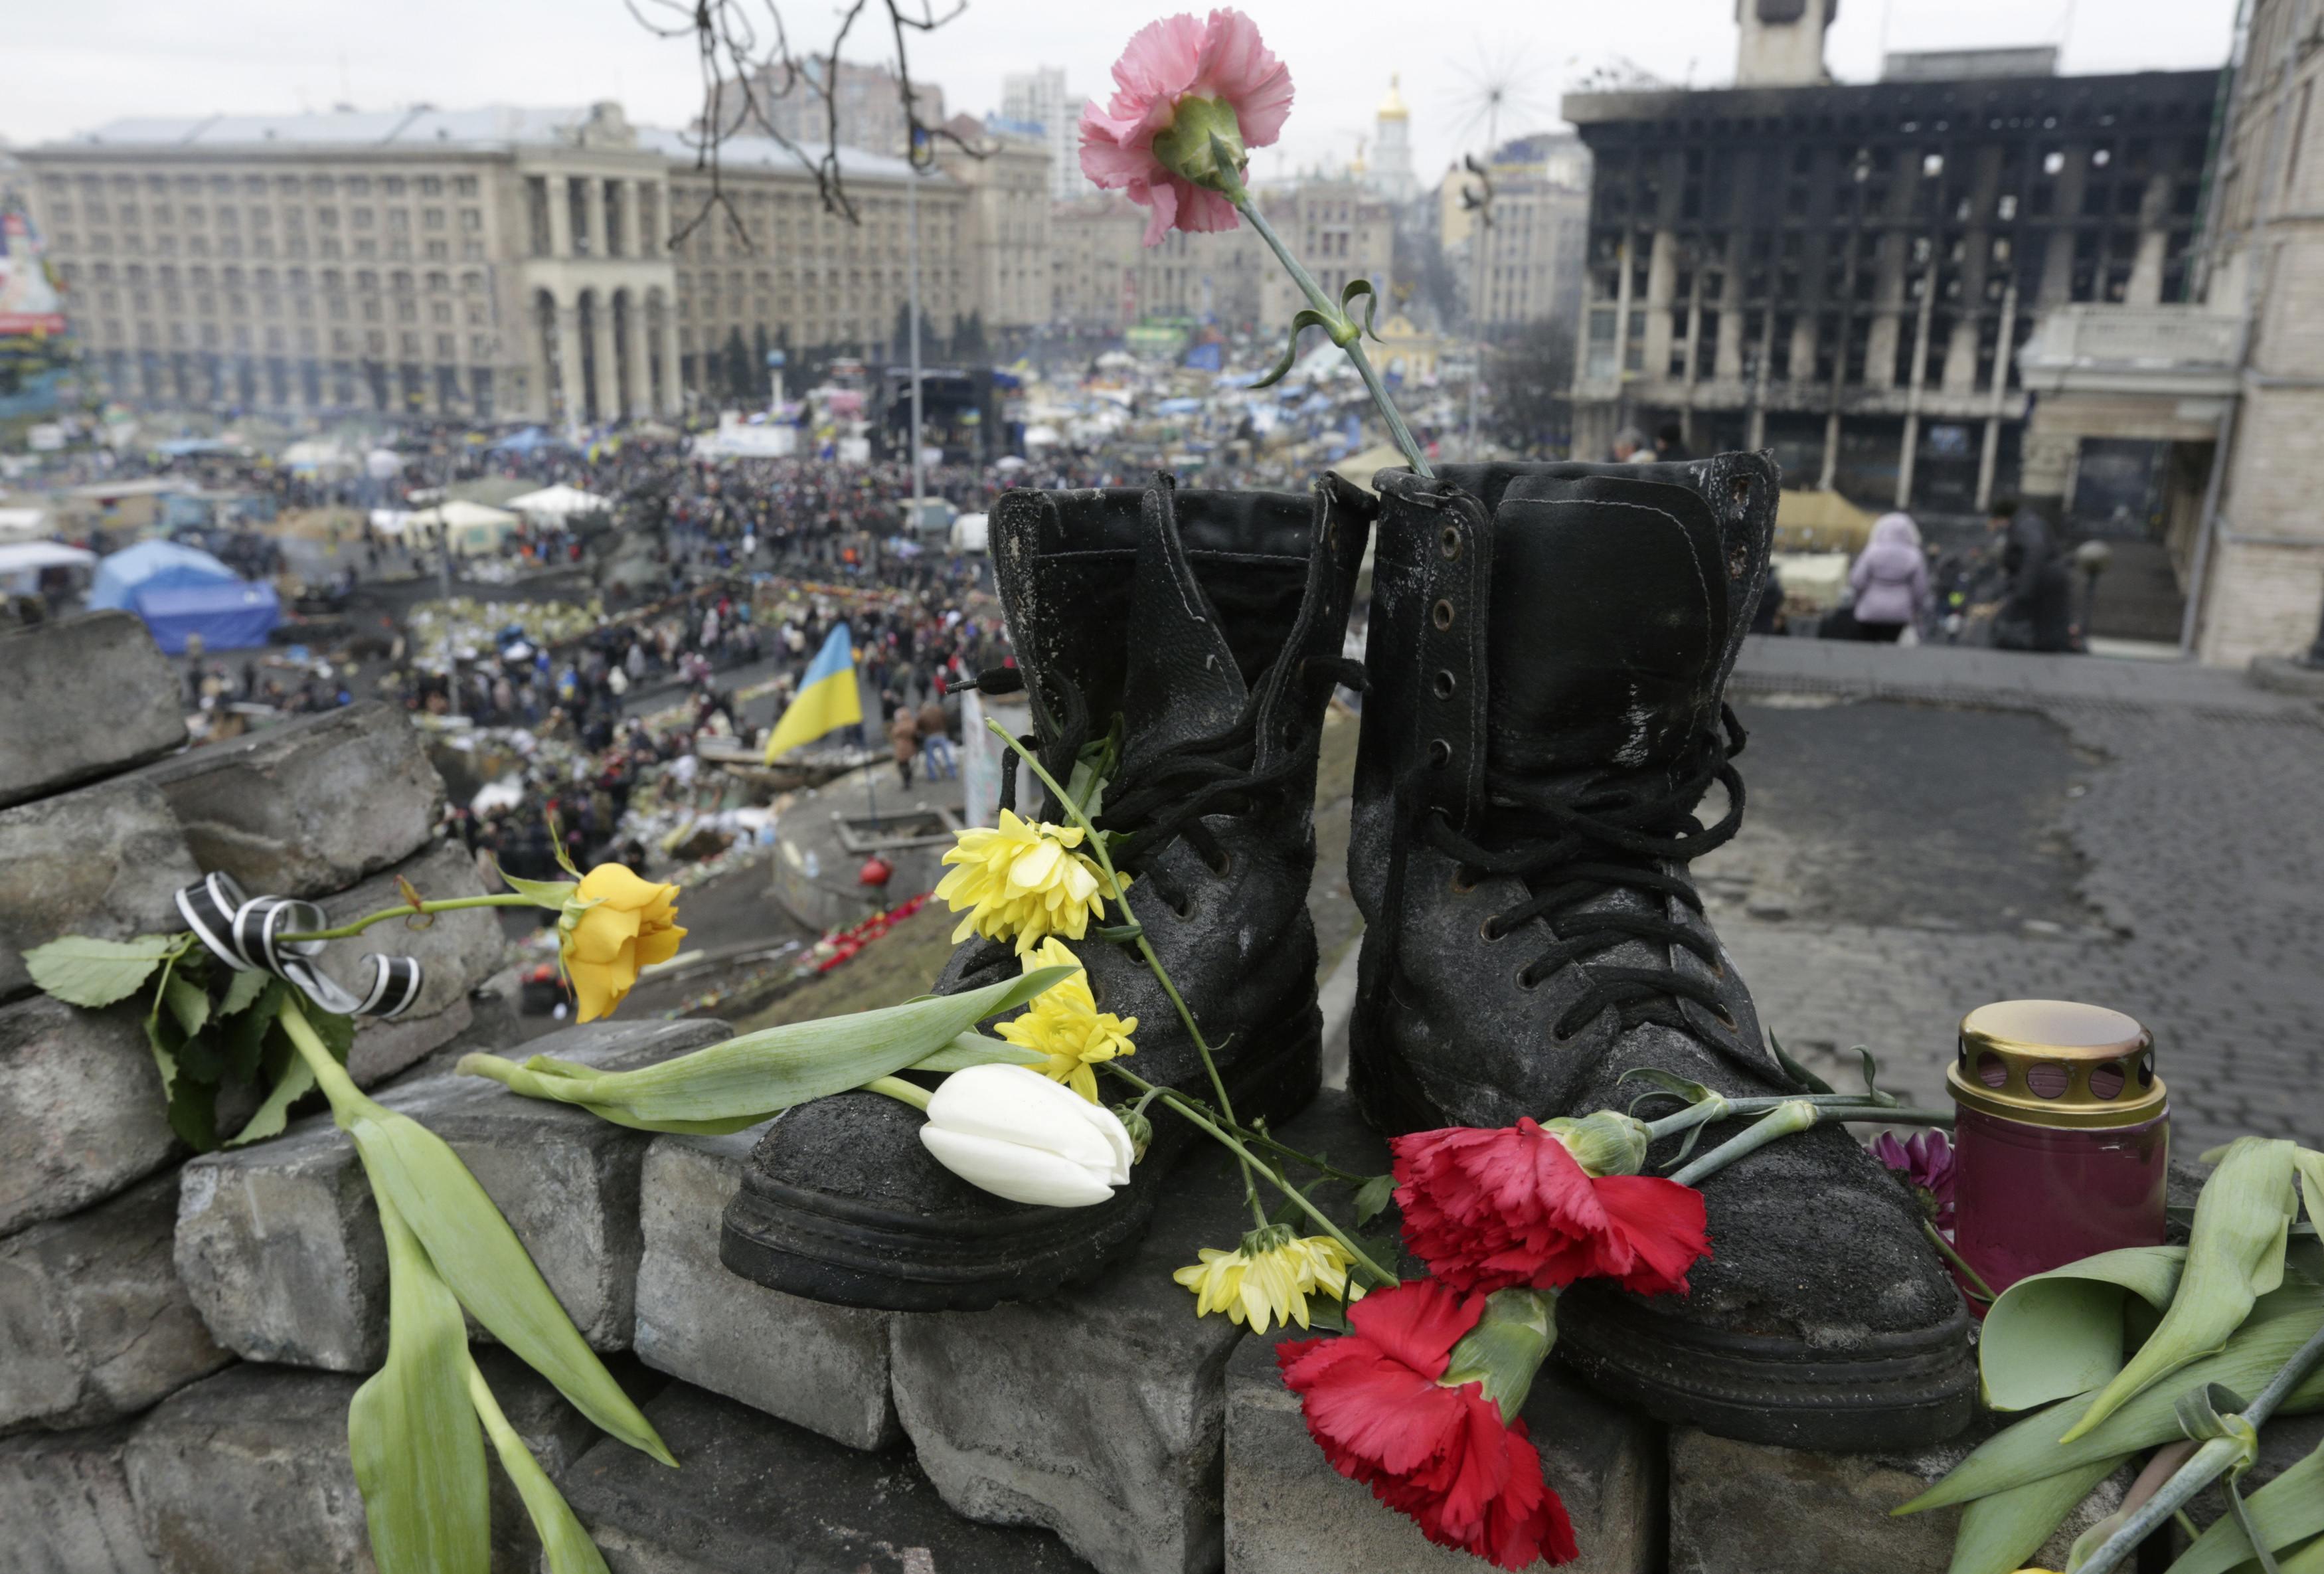 За несколько дней уличных боев в Киеве погибли более 80 человек